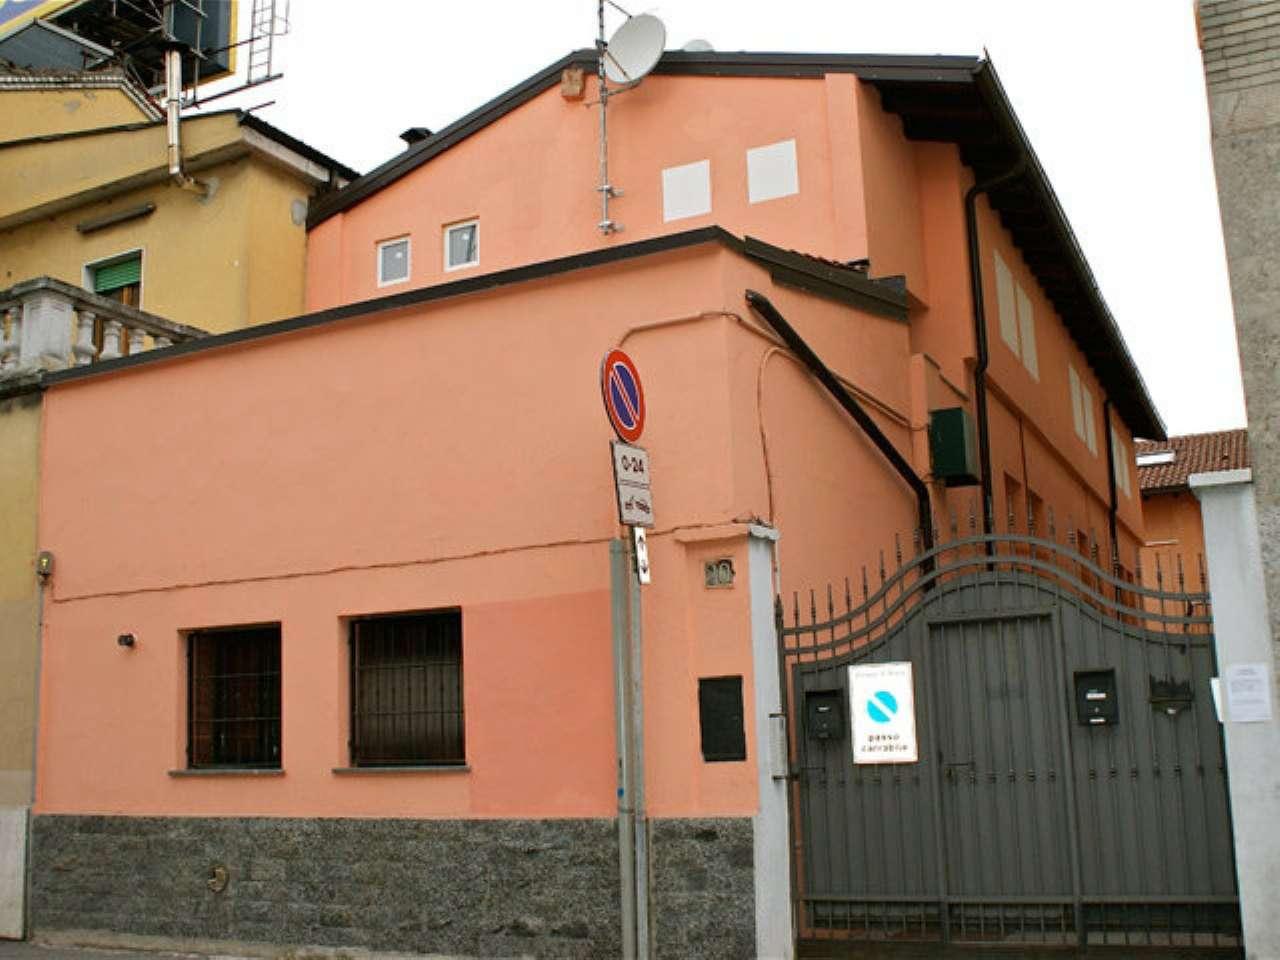 Trilocale, Via Giorgio Stephenson, Certosa, Milano, foto 5